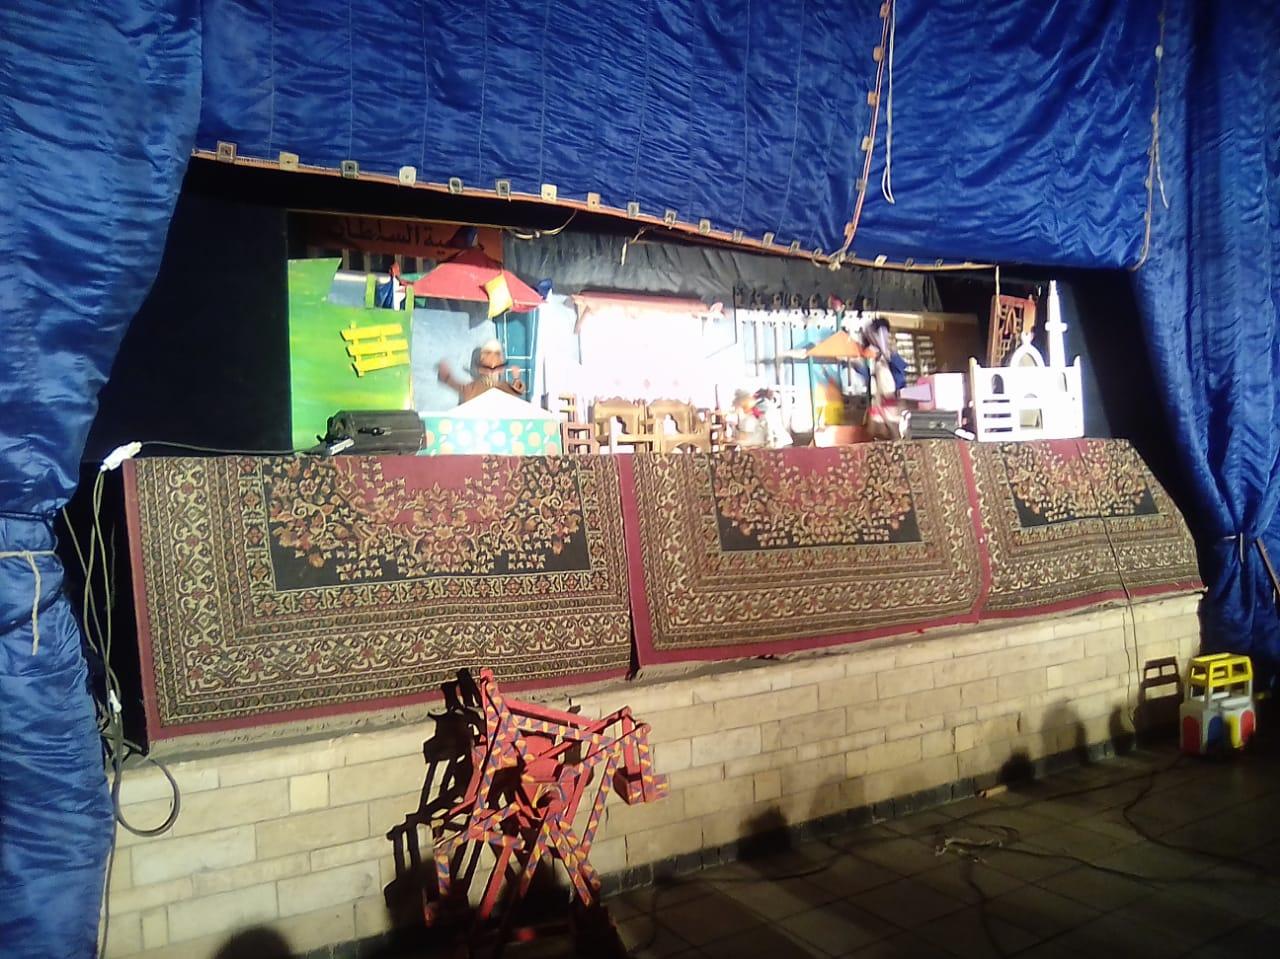 فعاليات ثقافية بمسرح سور القاهرة الشمالى (5)